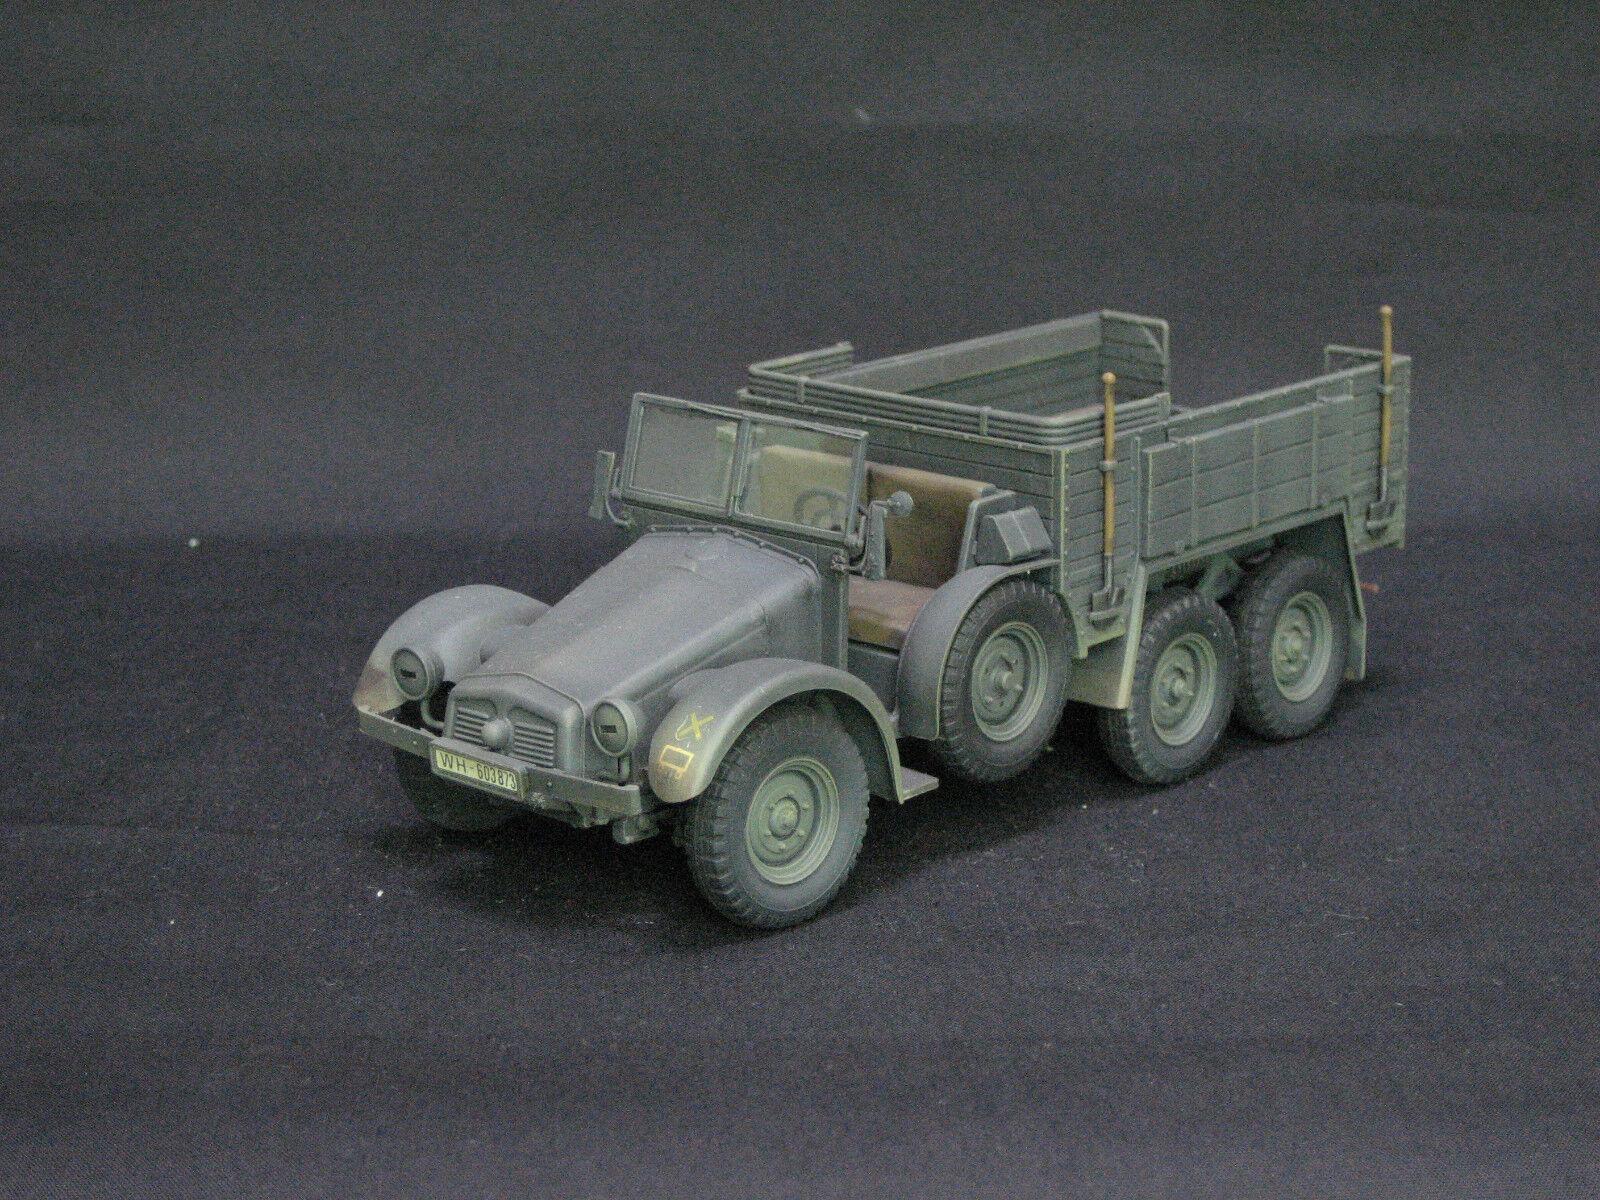 Tamiya 6x4 camión Krupp projoectze pro - manufactura y pintura 1   35 modelo